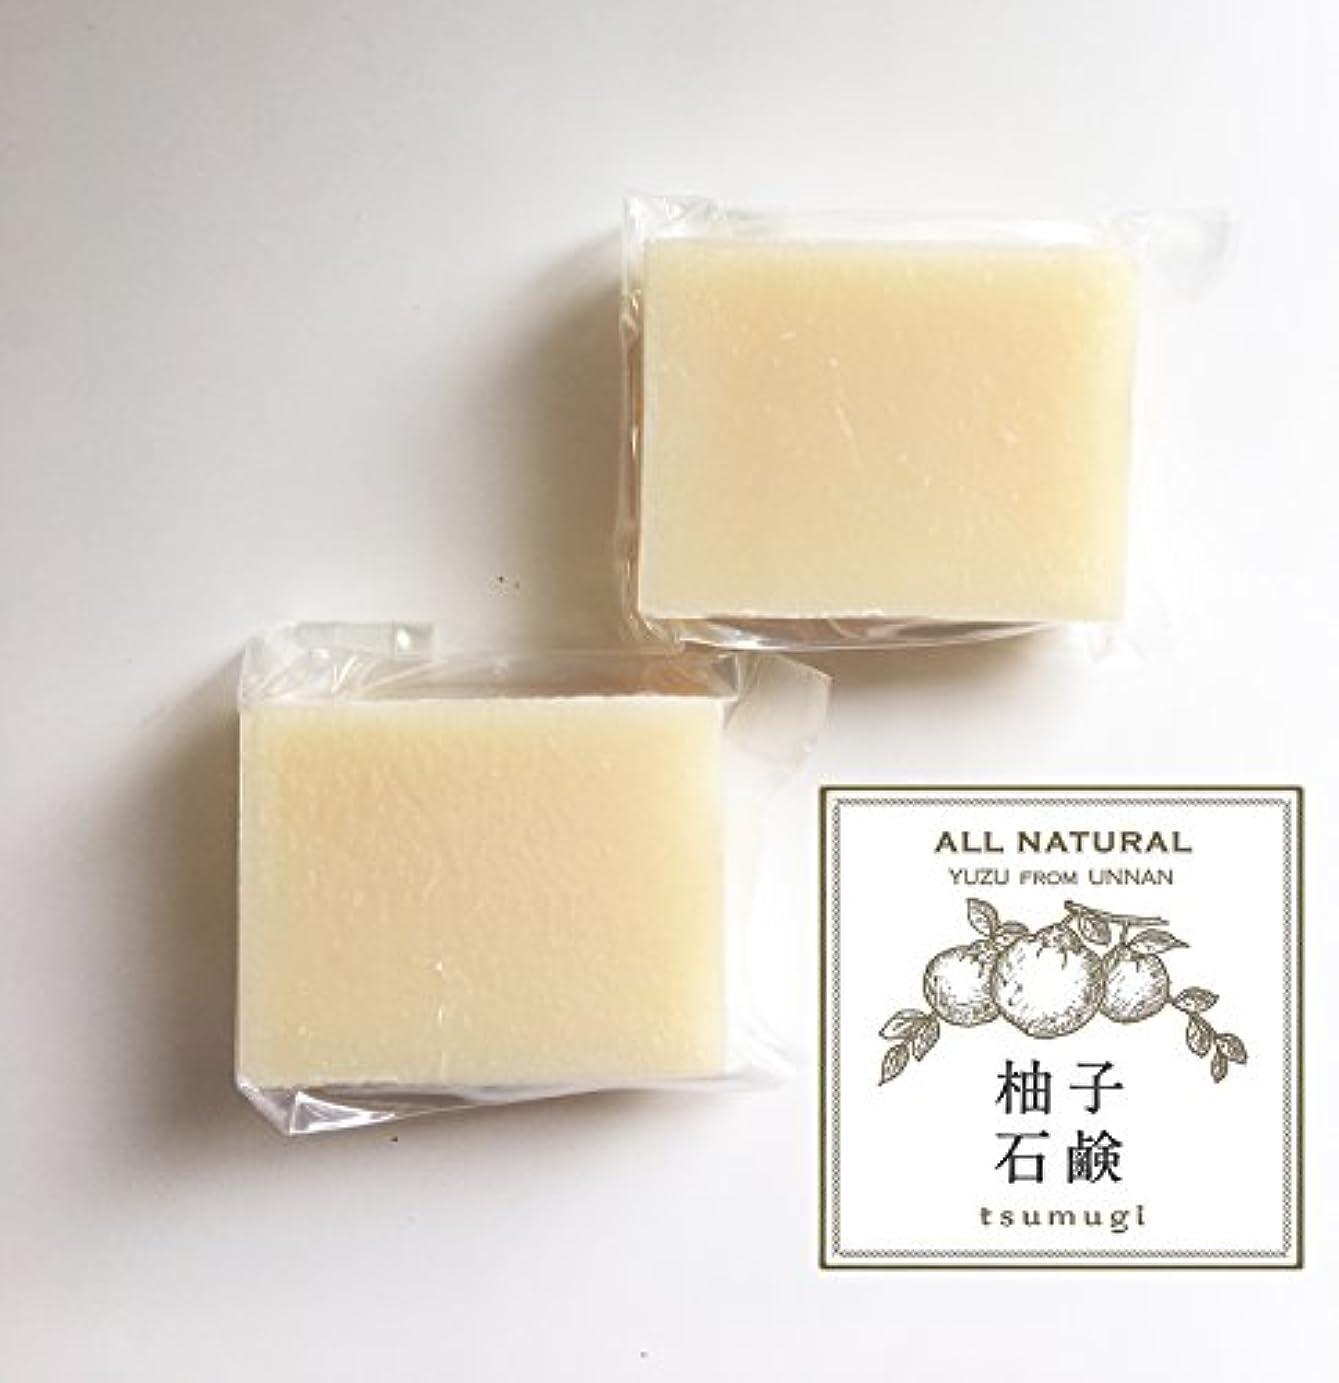 無限大重なるバージン柚子石鹸2個セット